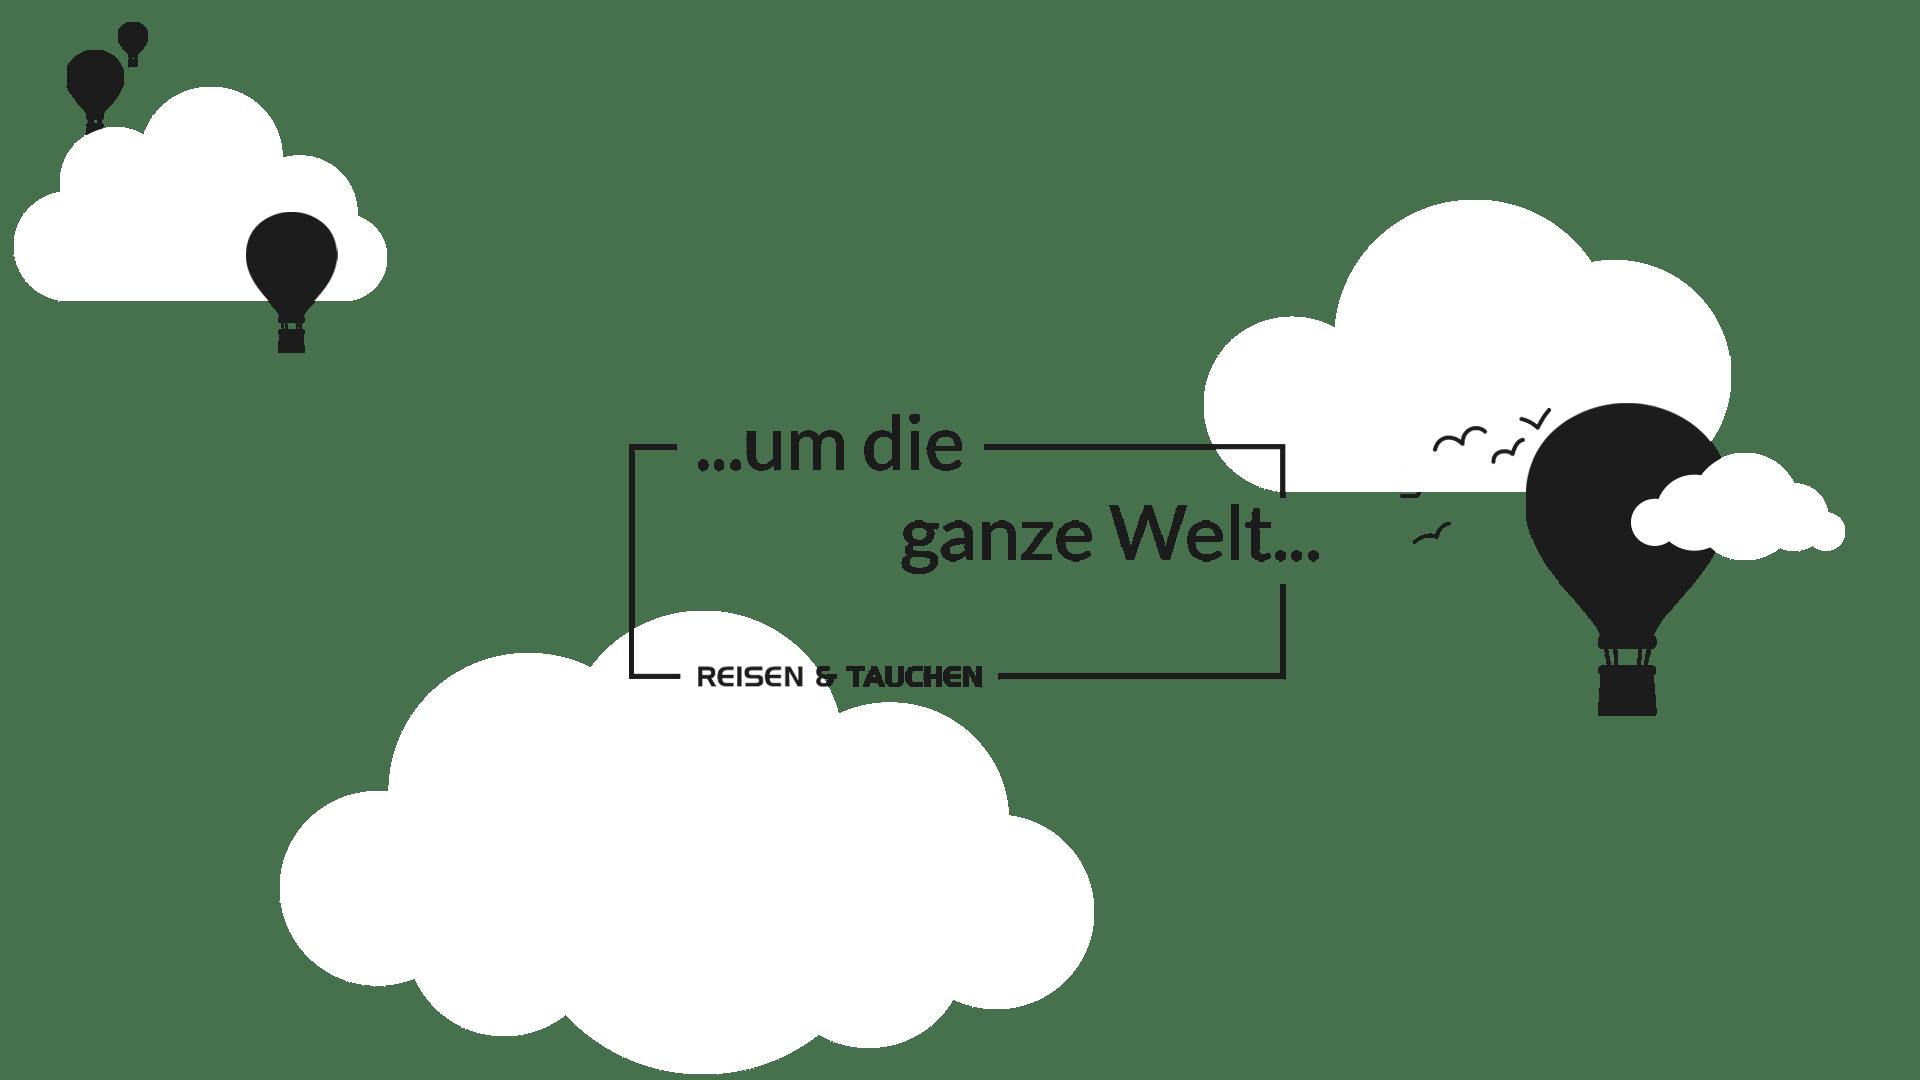 Tauchmedizin & Reisemedizin